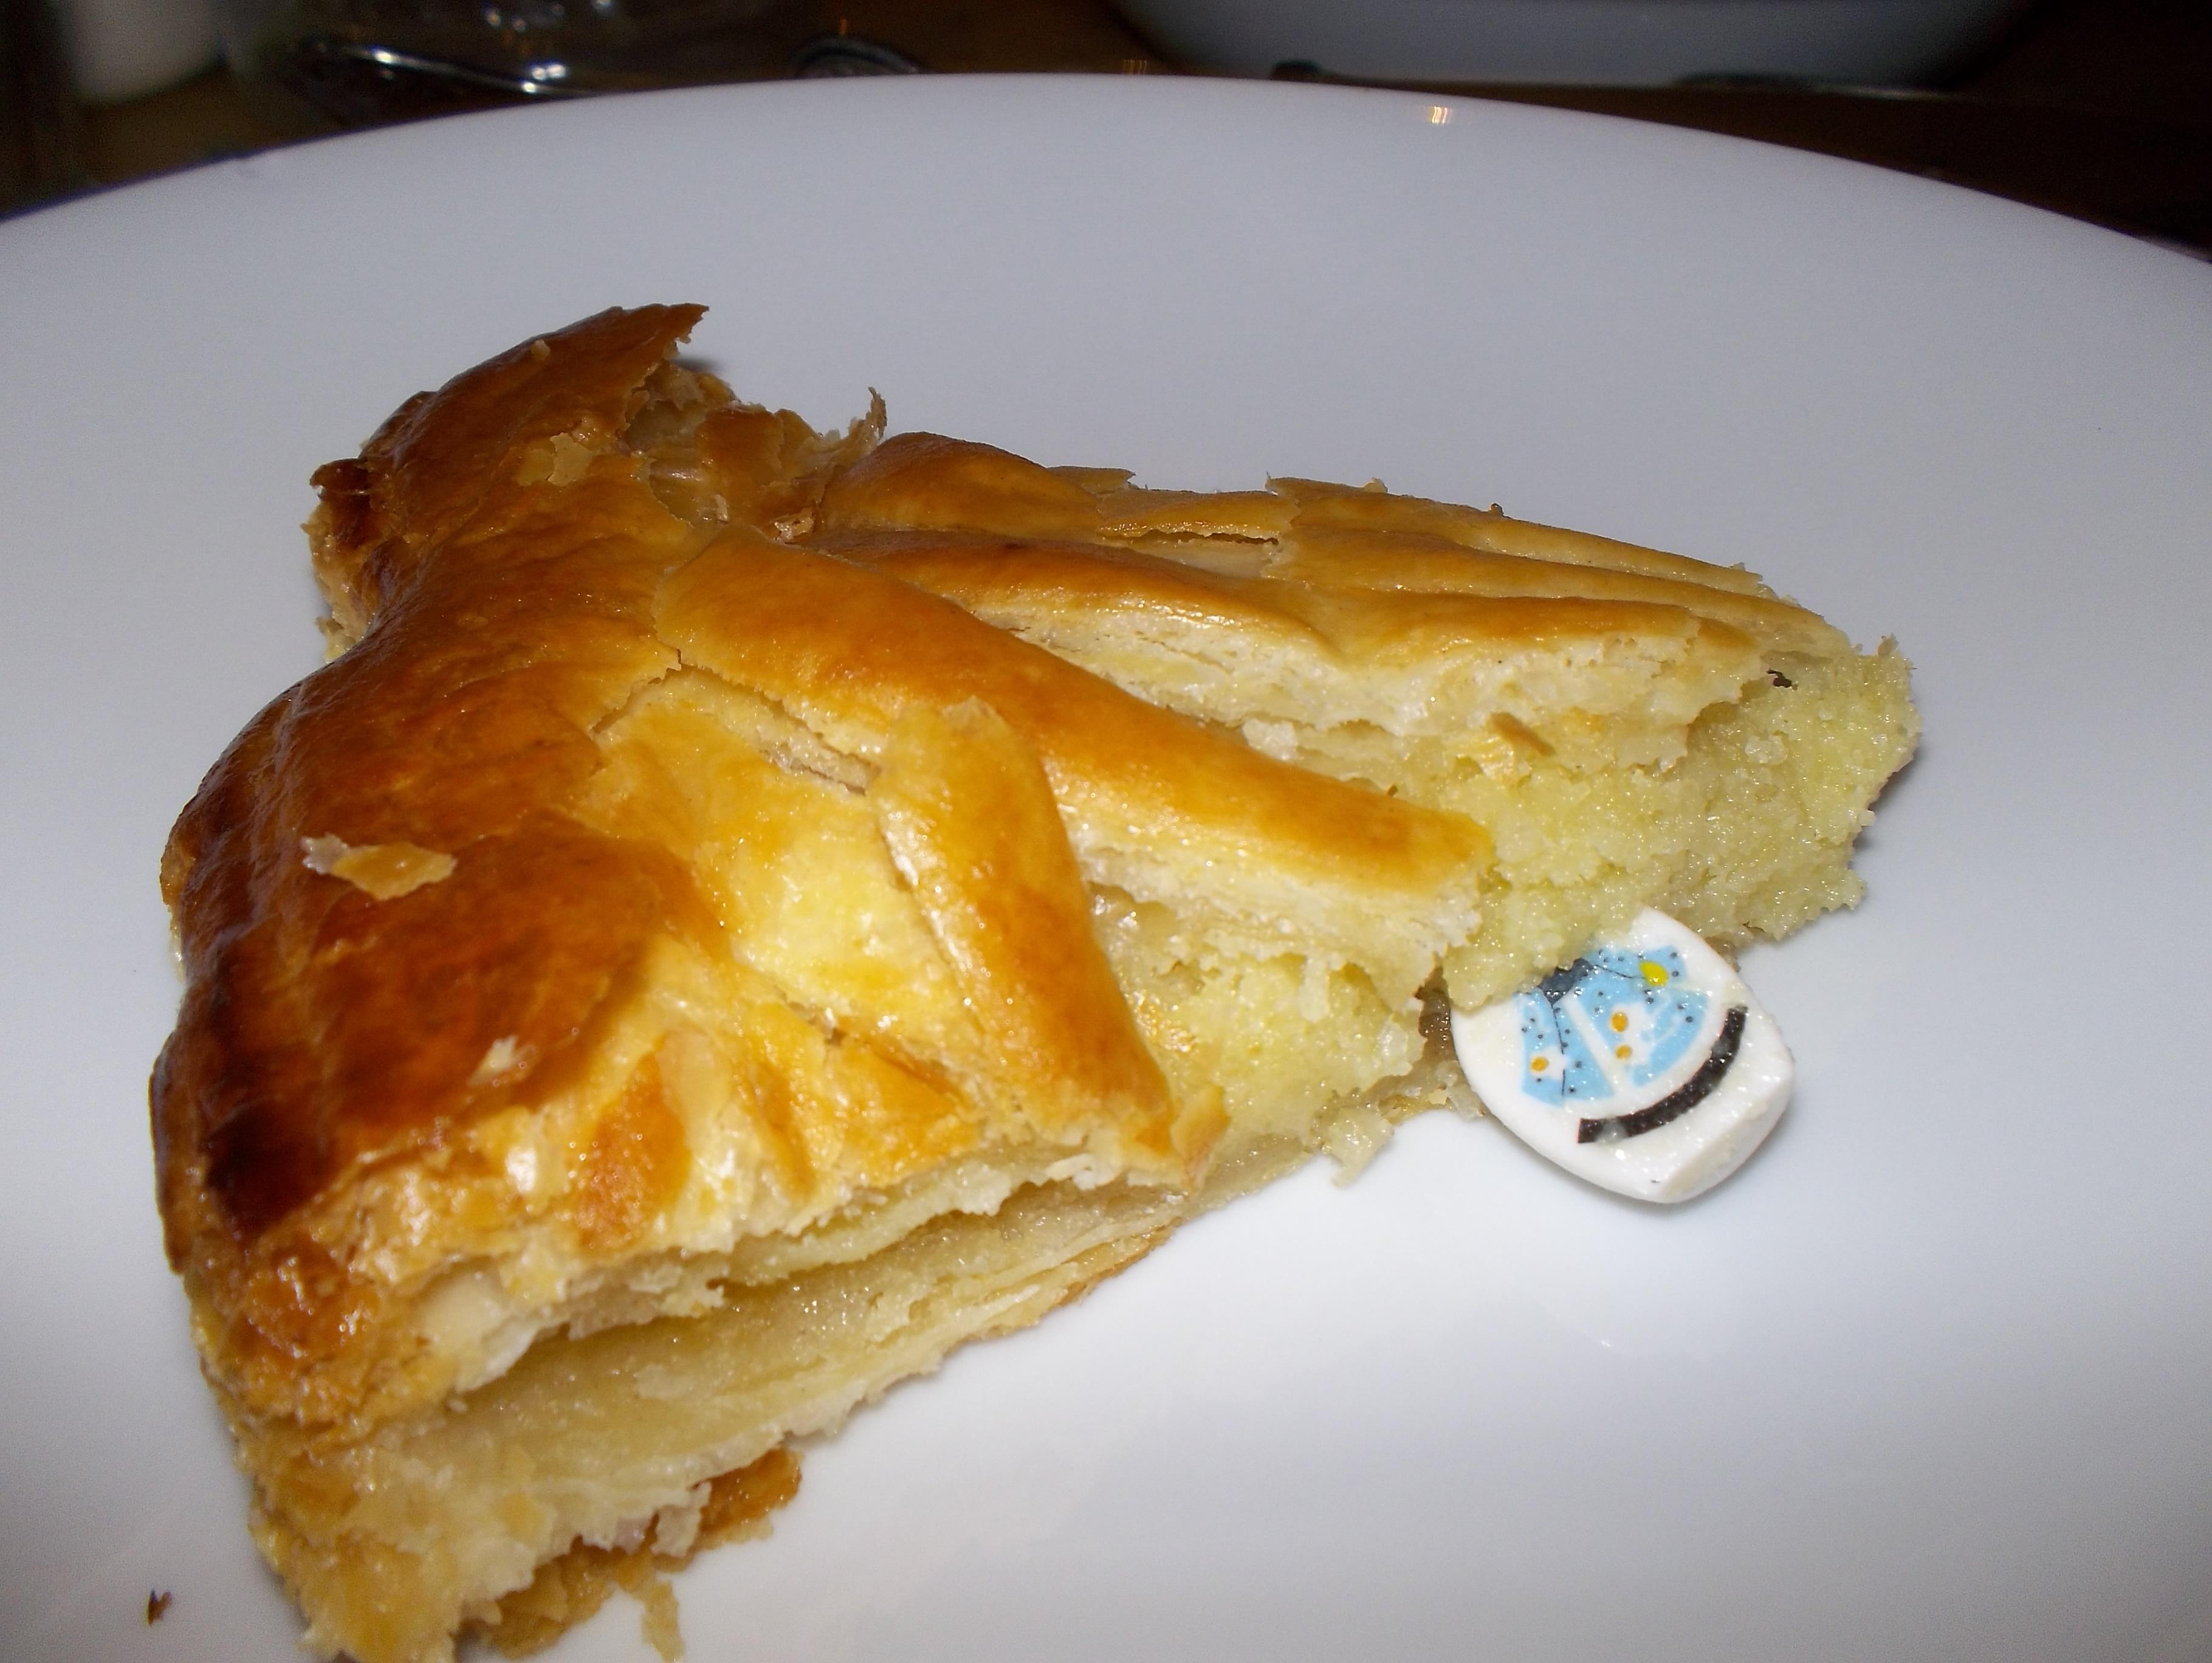 Galette de rois 019 my husband drives a lemon - Decor galette des rois ...